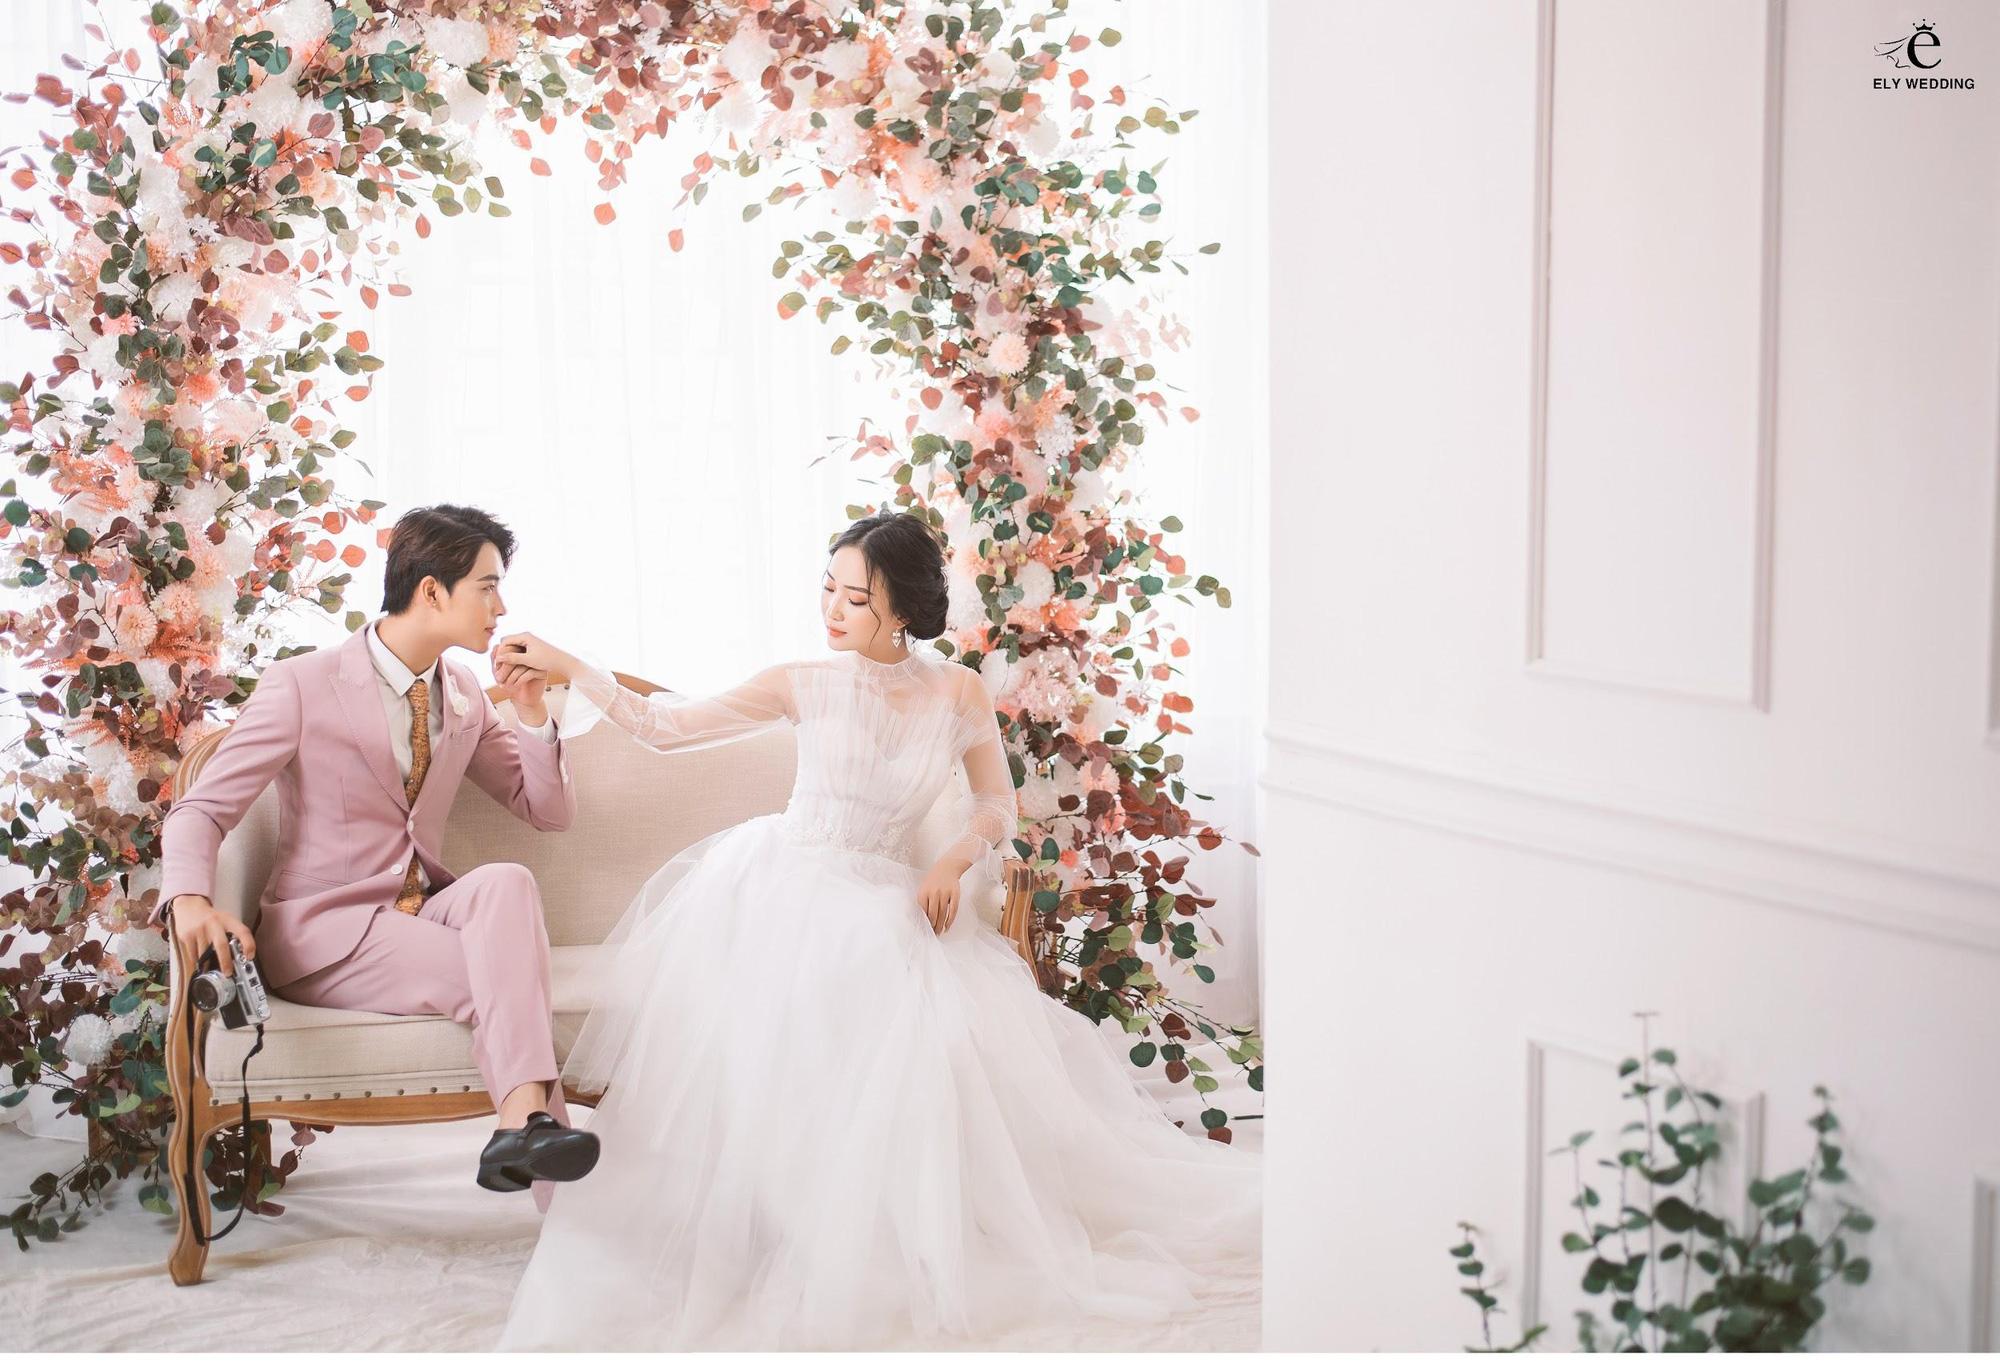 Mách nhỏ 5 địa điểm chụp ảnh cưới hot nhất Hà Nội, cứ đến là có ảnh đẹp! - Ảnh 2.